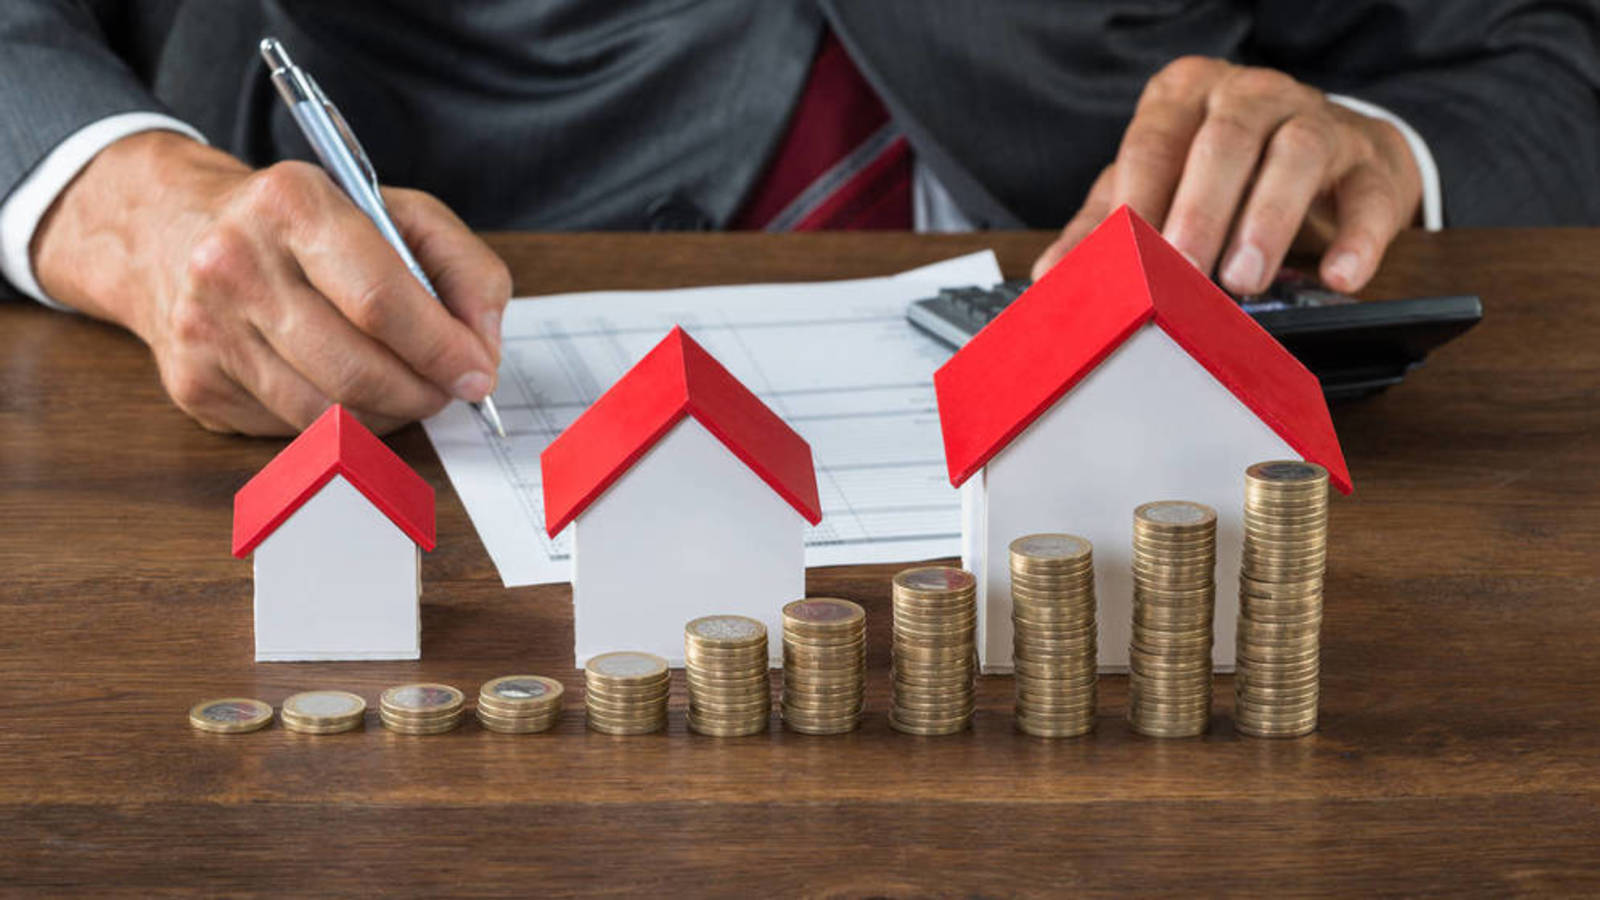 herencias - Hacienda no podrá revisar los impuestos por heredar casa si se calculan según la ley